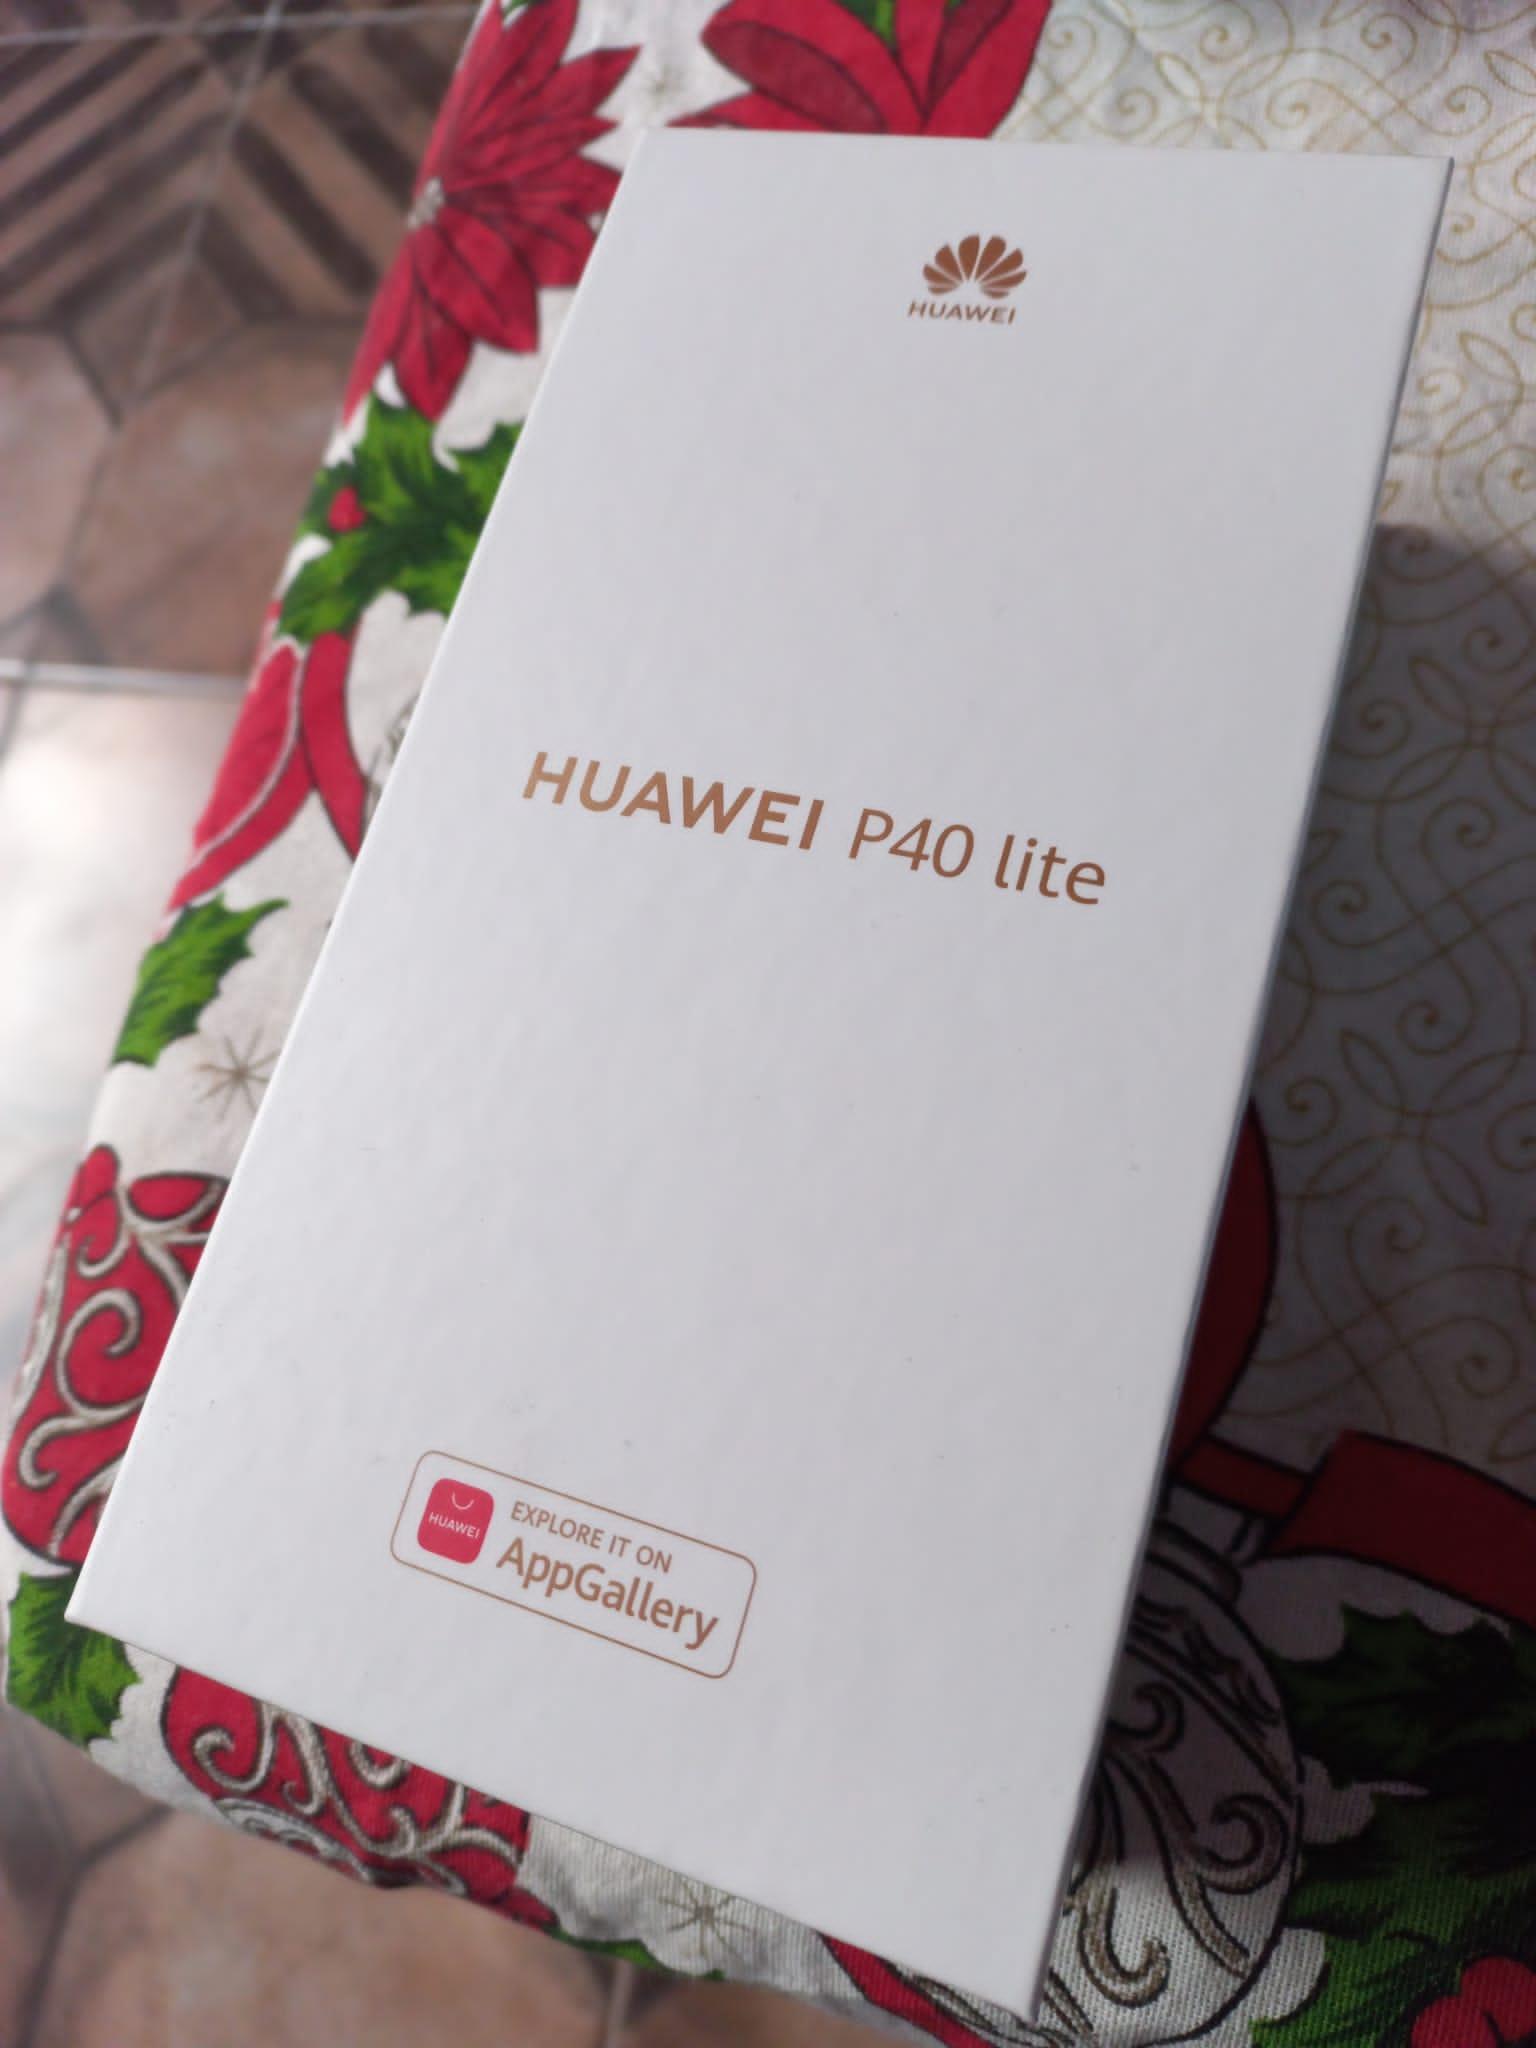 Vendo celular Huawei P40 Lite (nuevo)